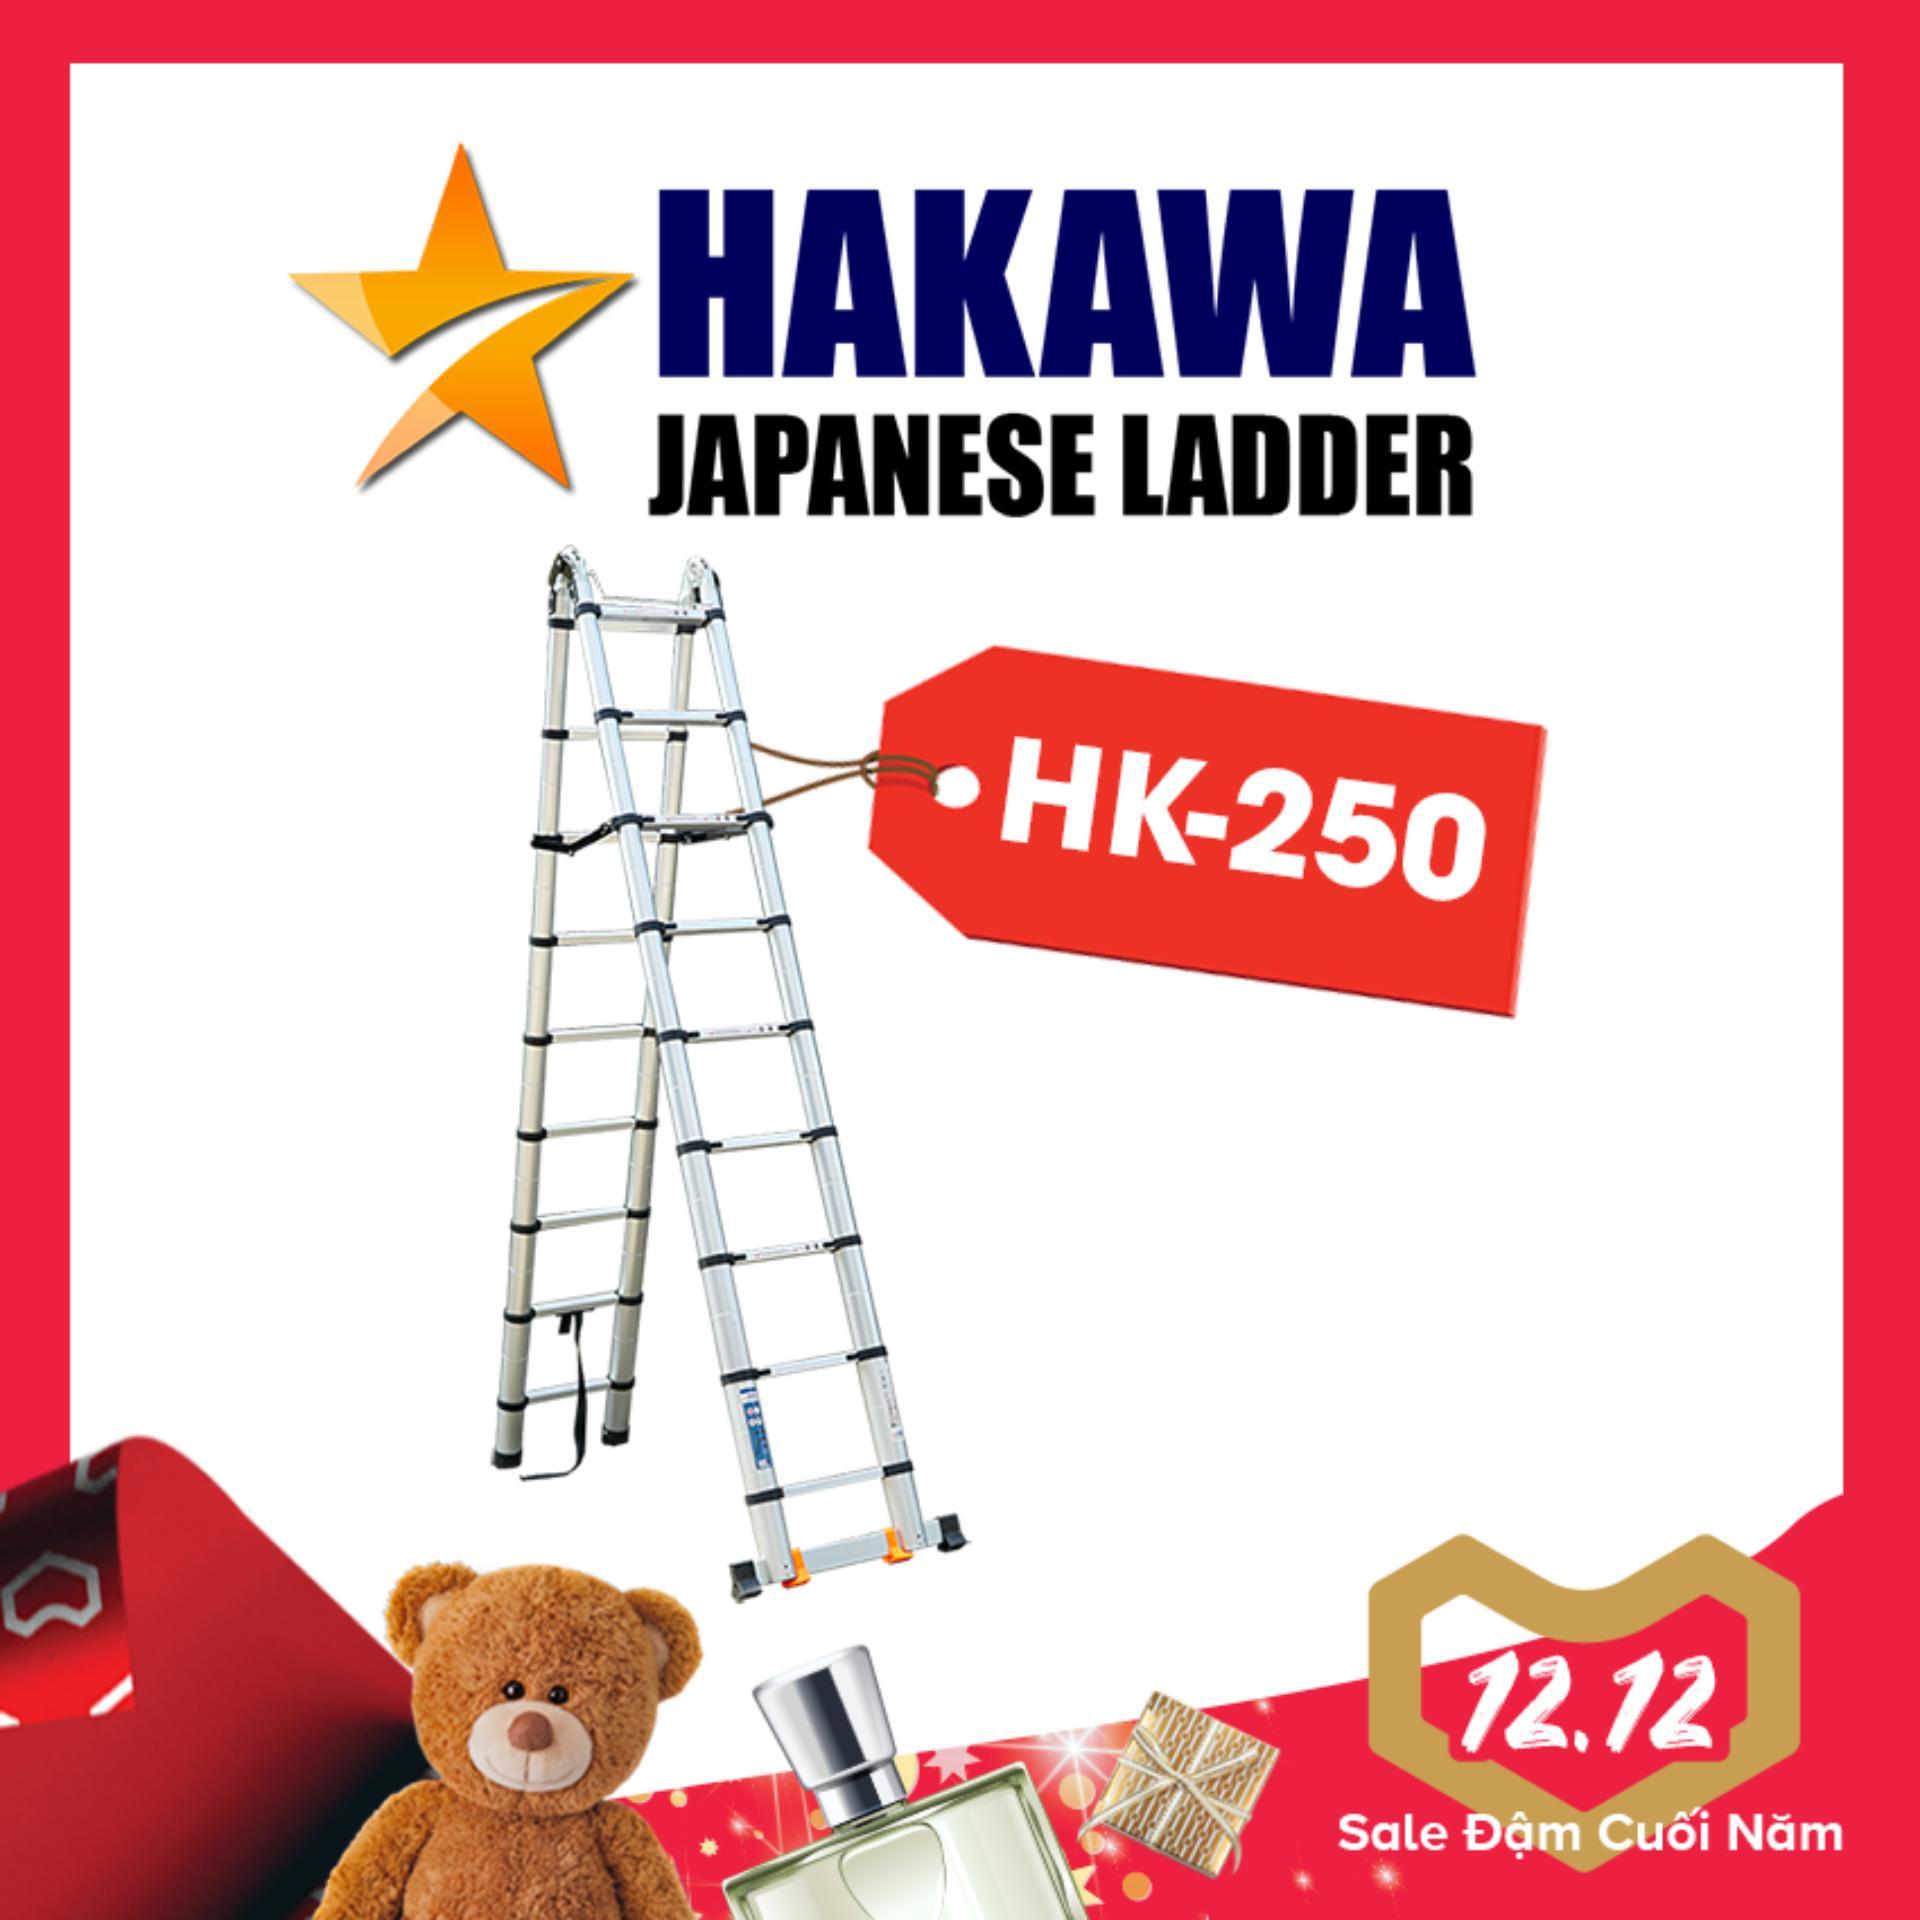 [HỖ TRỢ SHIP 100%] Thang nhôm rút chữ A HAKAWA HK250 - HÀNG NHẬT BẢN, chất lượng cao, 5 mét